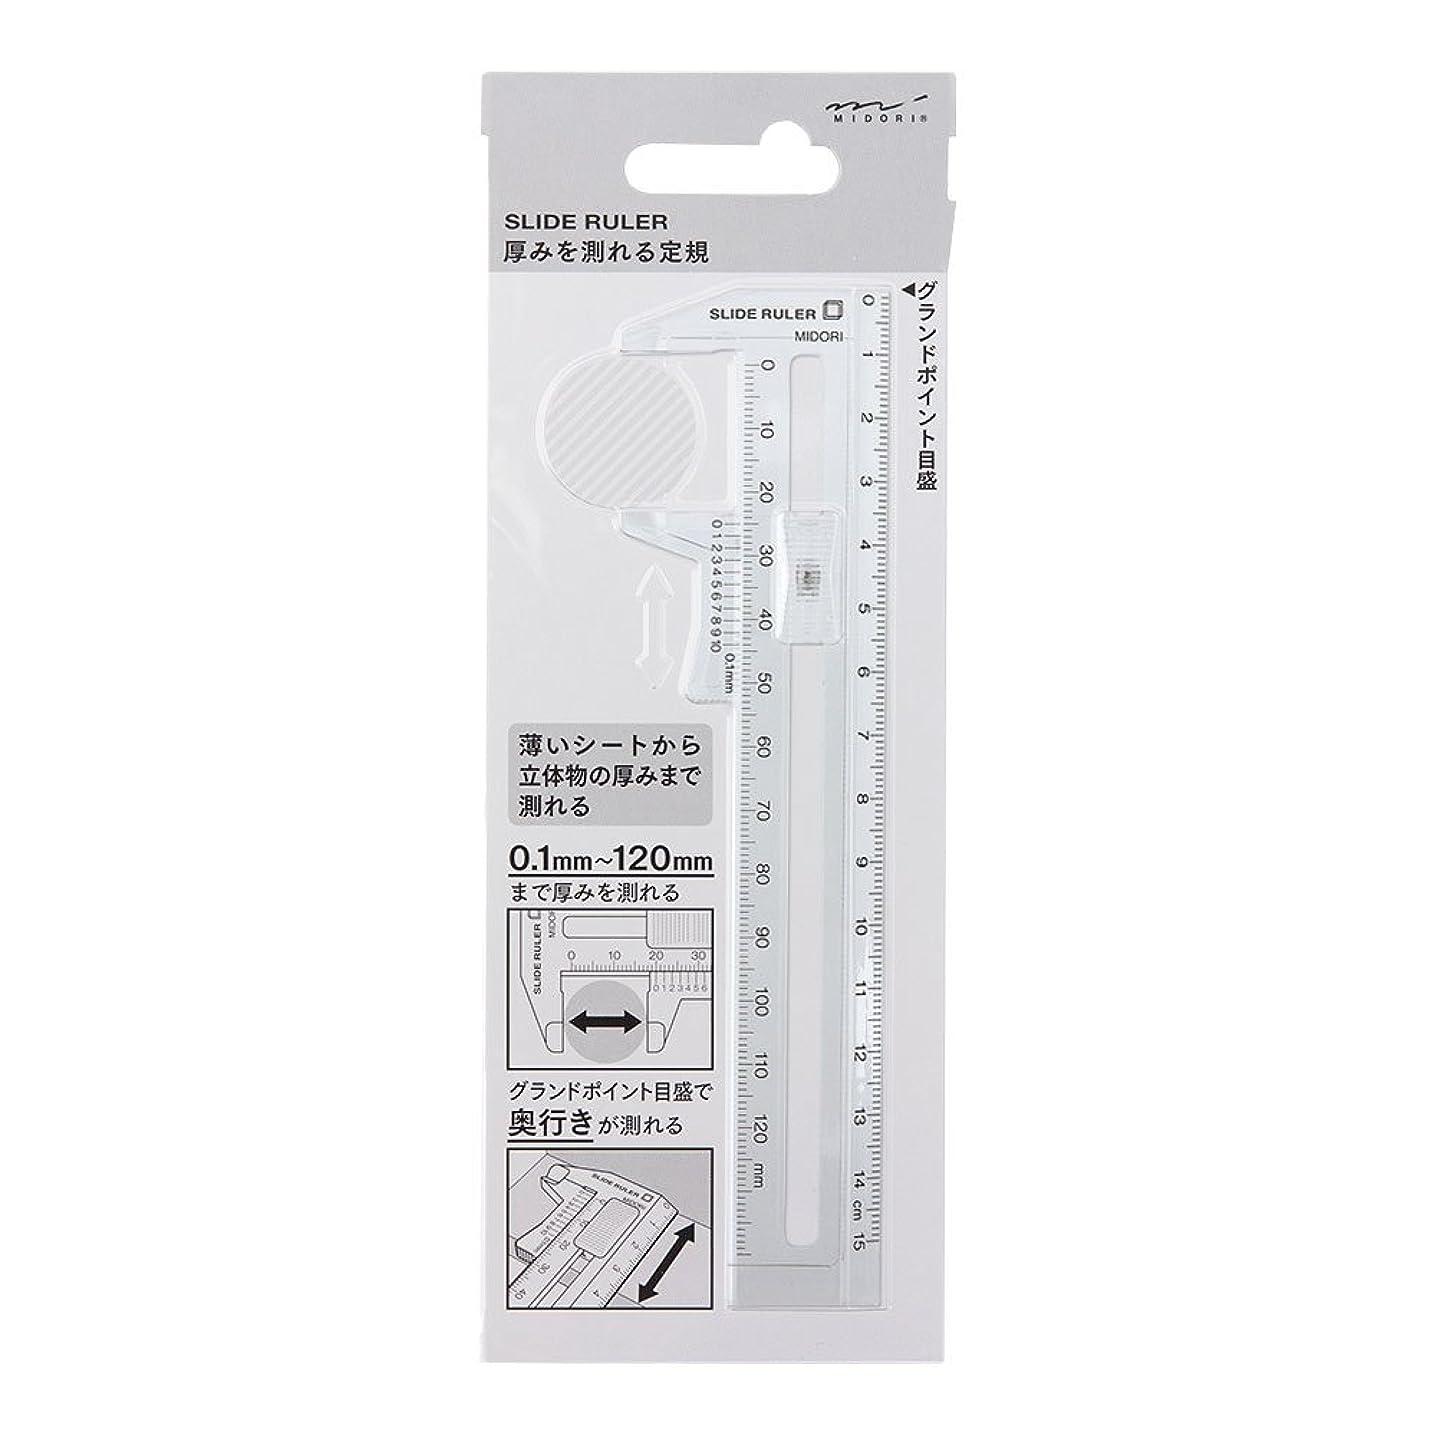 用心するハードウェアバレエミドリ CL 厚みを測れる定規 透明 42260006